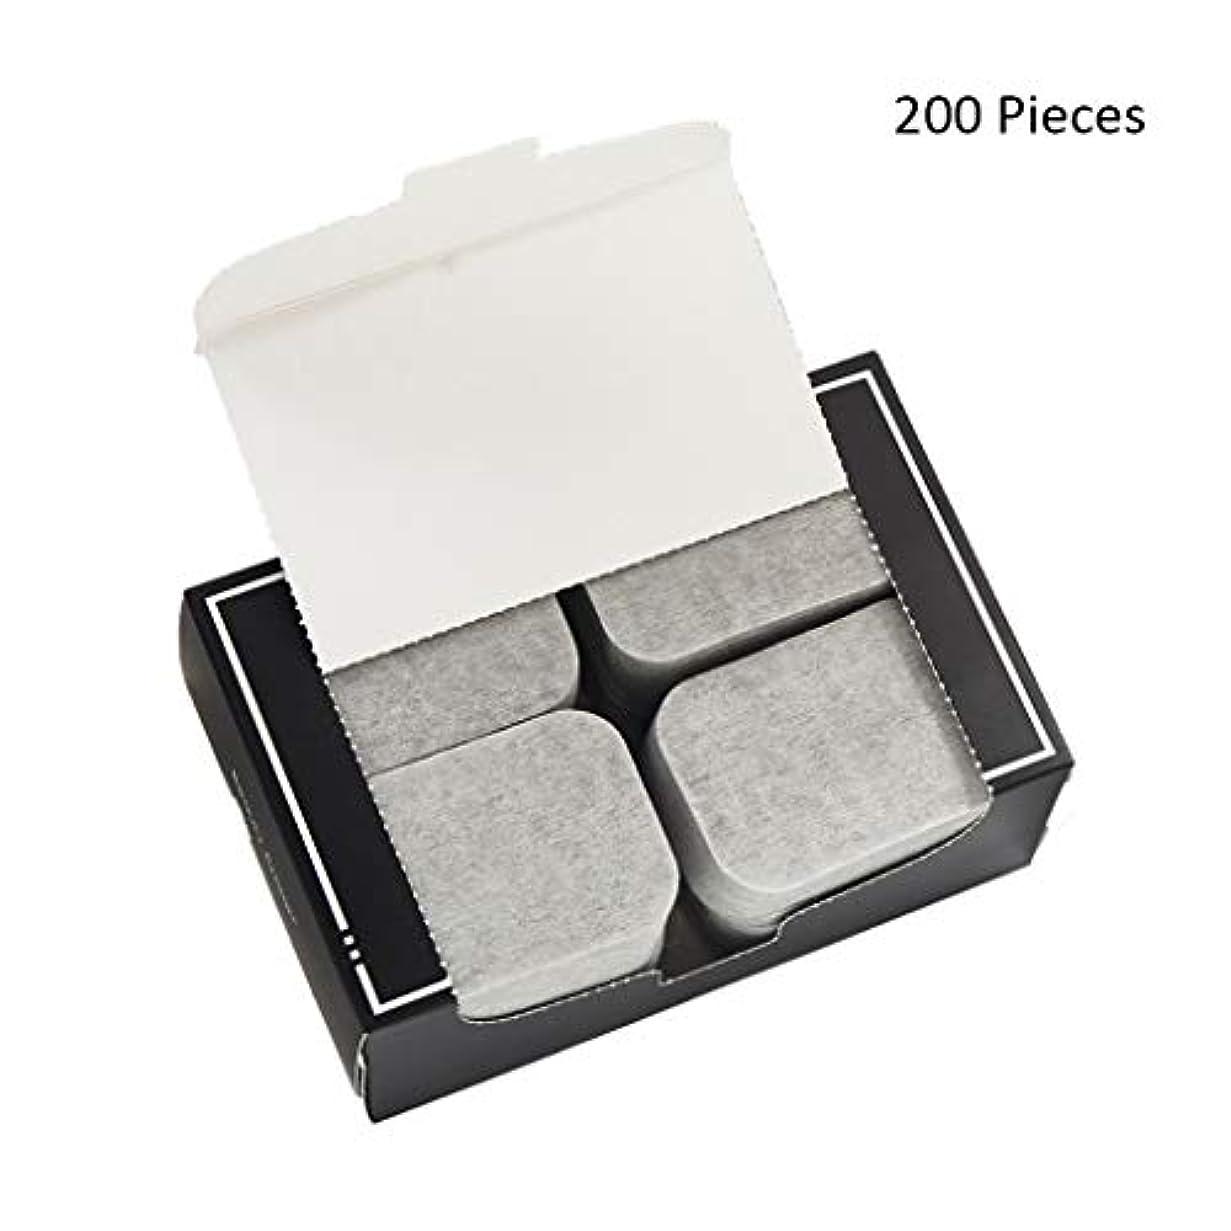 フレームワークナプキン清める化粧パッド 200ピース/パック竹炭コットンパッドソフトクレンジングメイクピュアコットン両面スライス顔メイク落とし メイク落とし化粧パッド (Color : Gray, サイズ : 7*5cm)